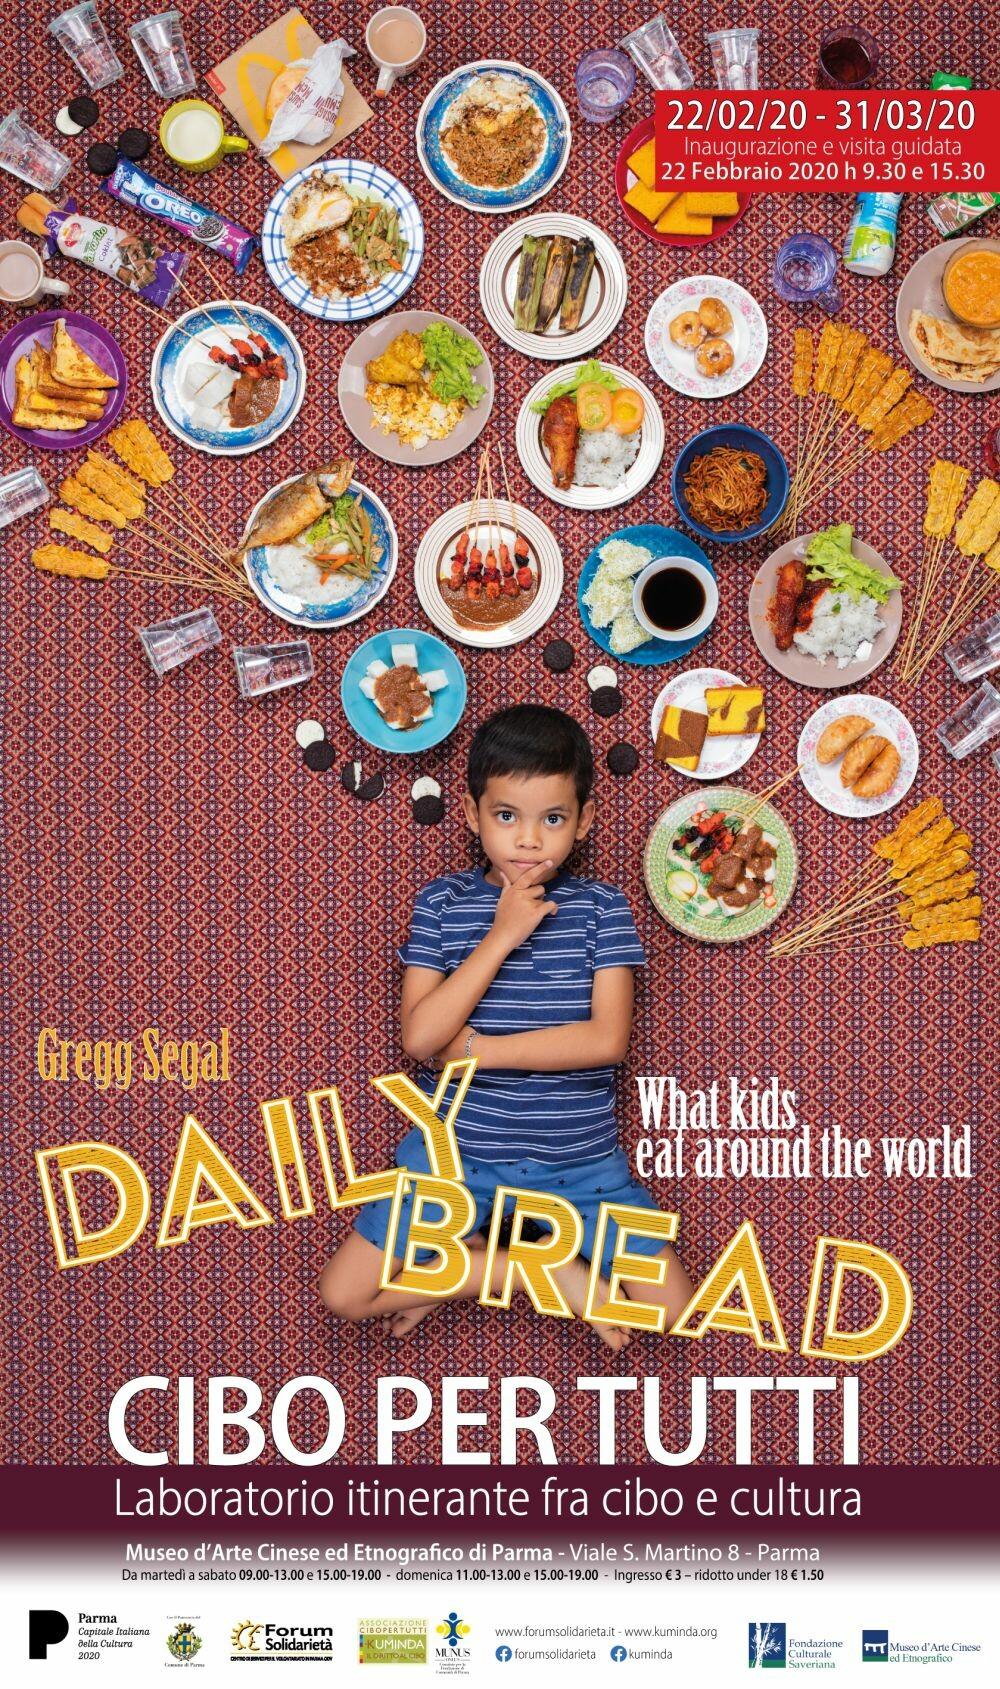 Mostra fotografica Daily bread , mostra di Gregg Segal che  racconta cosa mangiano i bambini del mondo in venti coloratissimi scatti